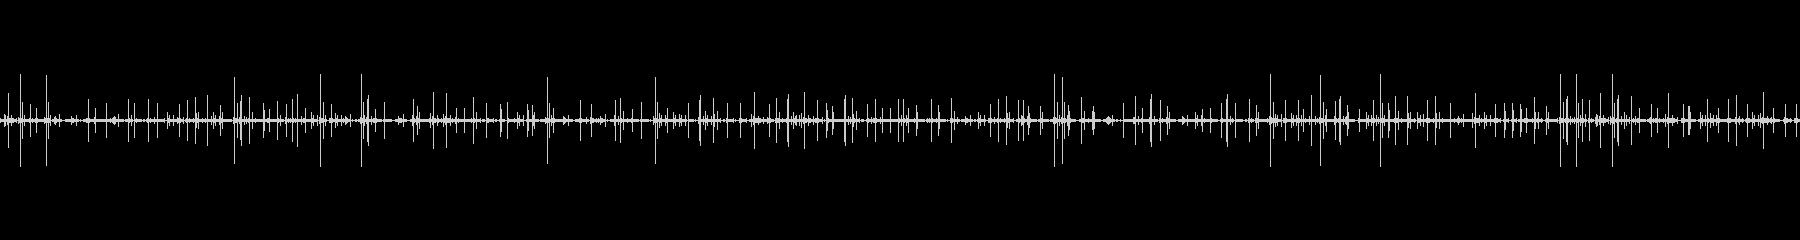 レコードノイズ Lofi ヴァイナル08の未再生の波形